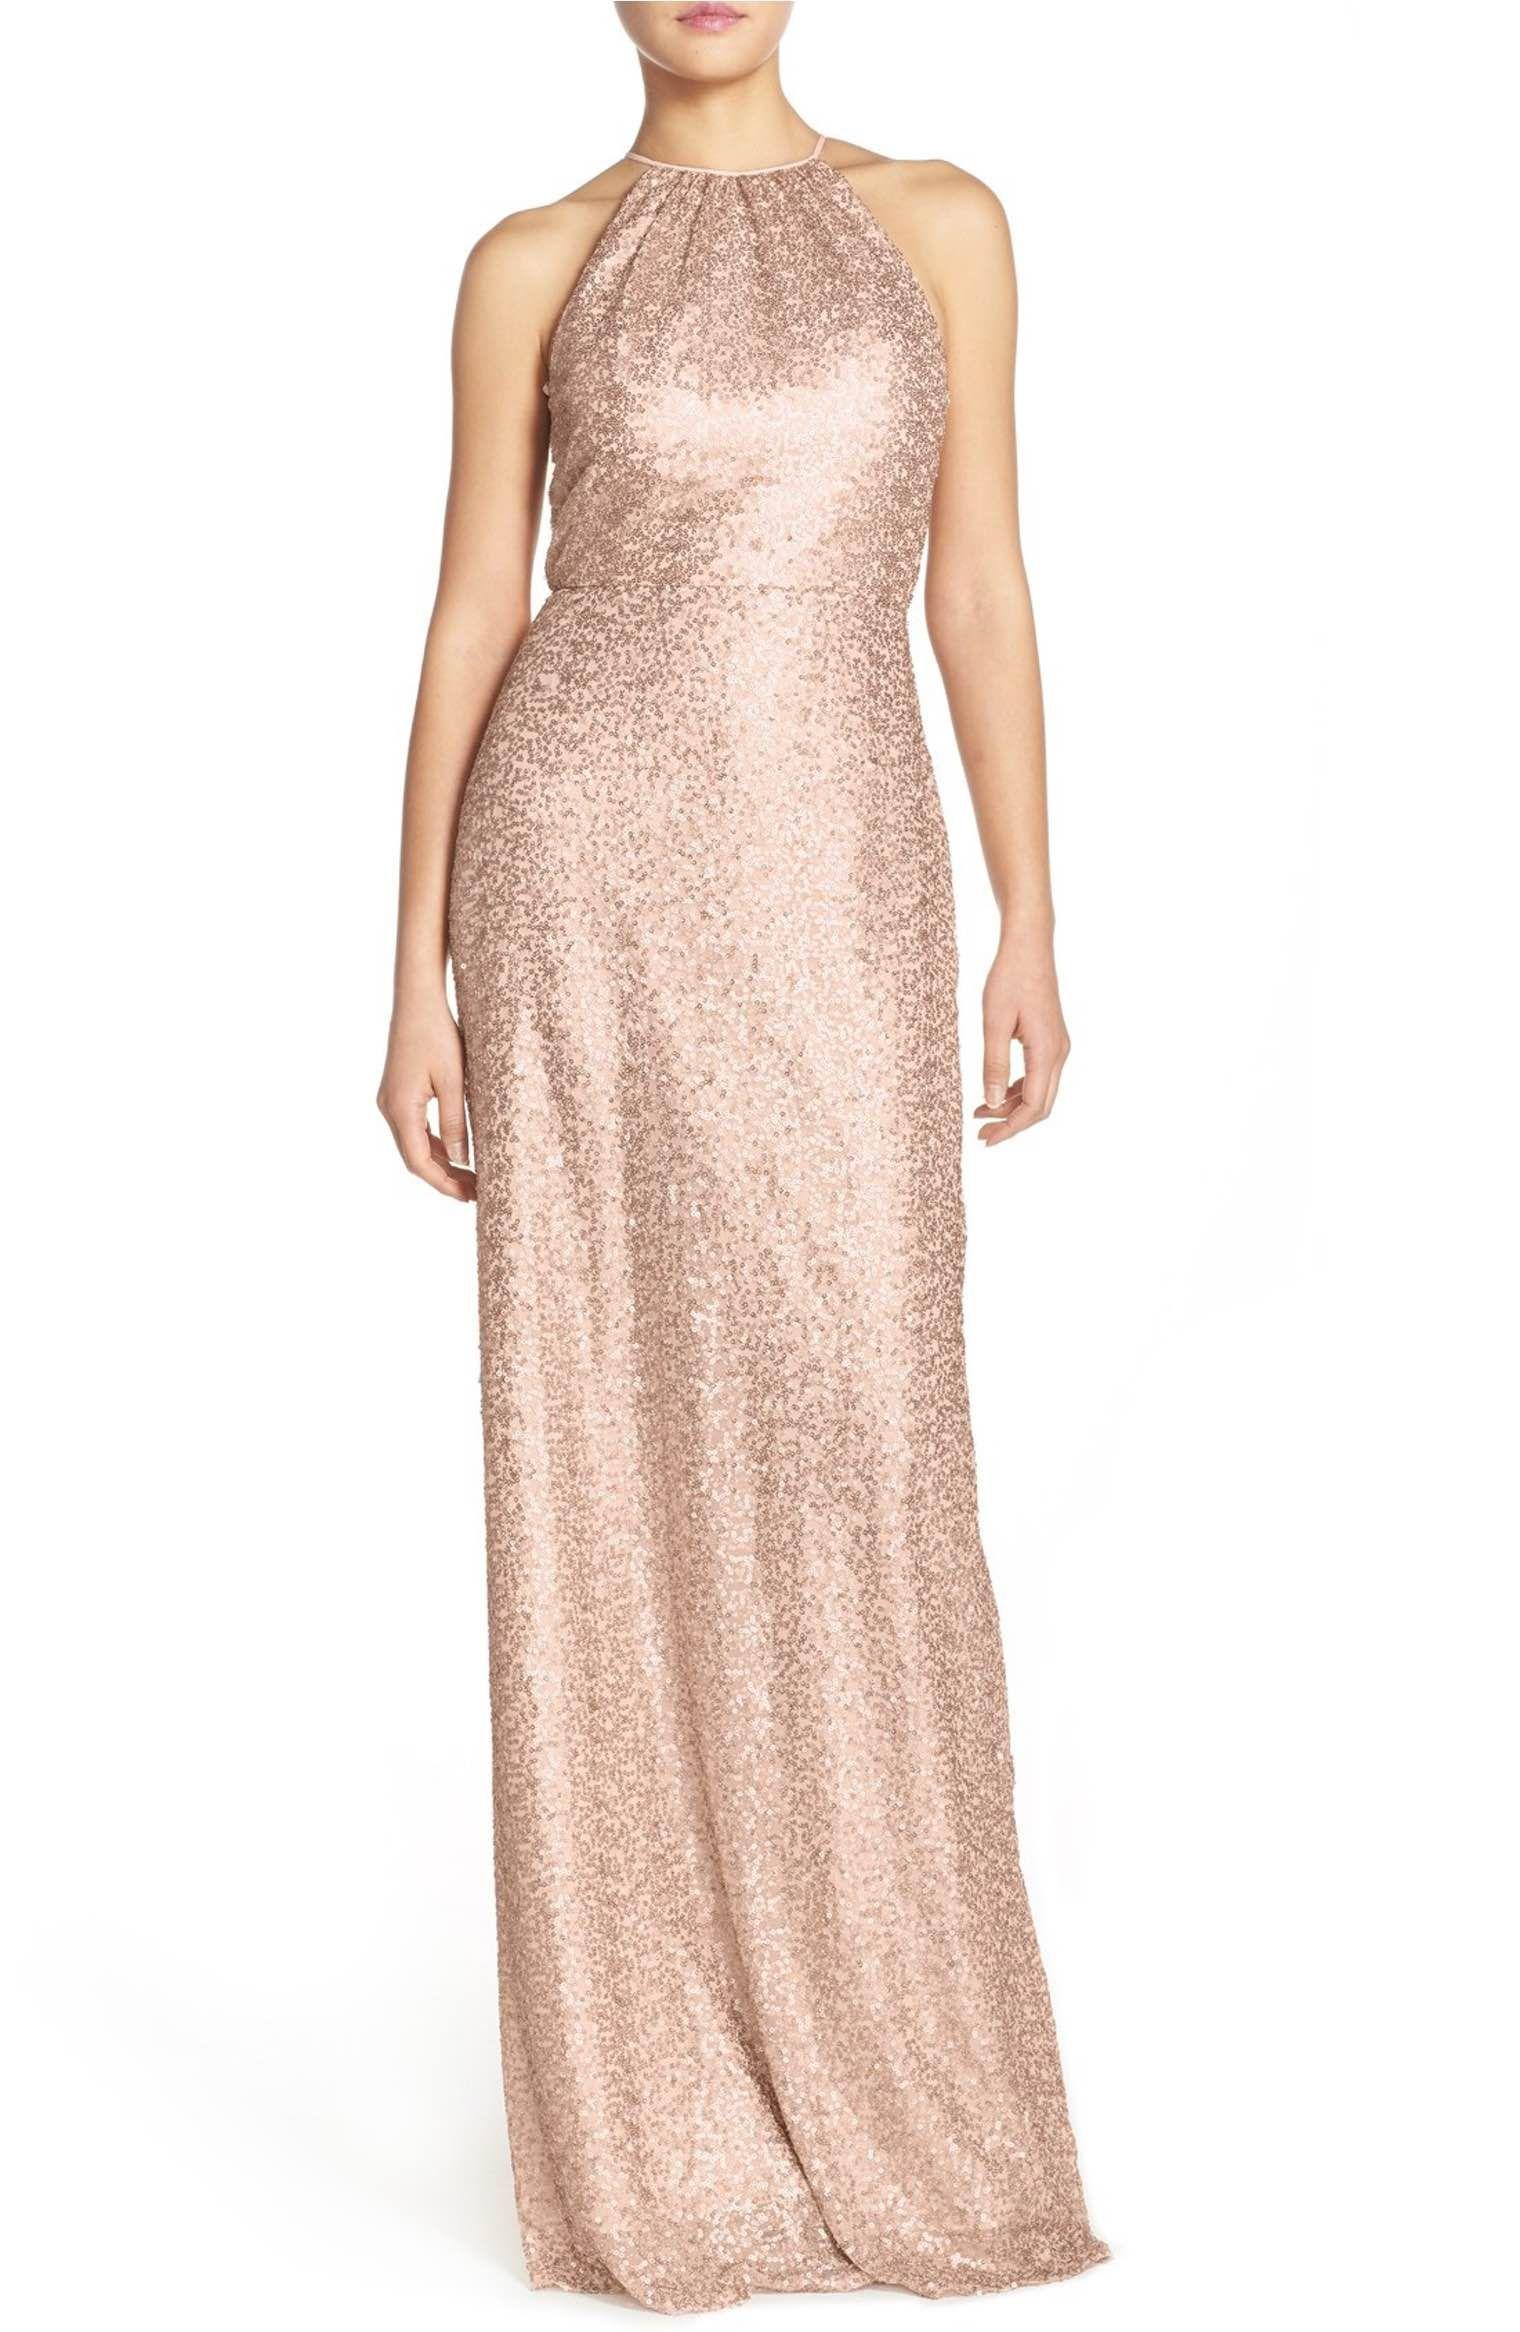 Halter style wedding dresses  Main Image  Amsale uChandleru Sequin Tulle Halter Style Gown